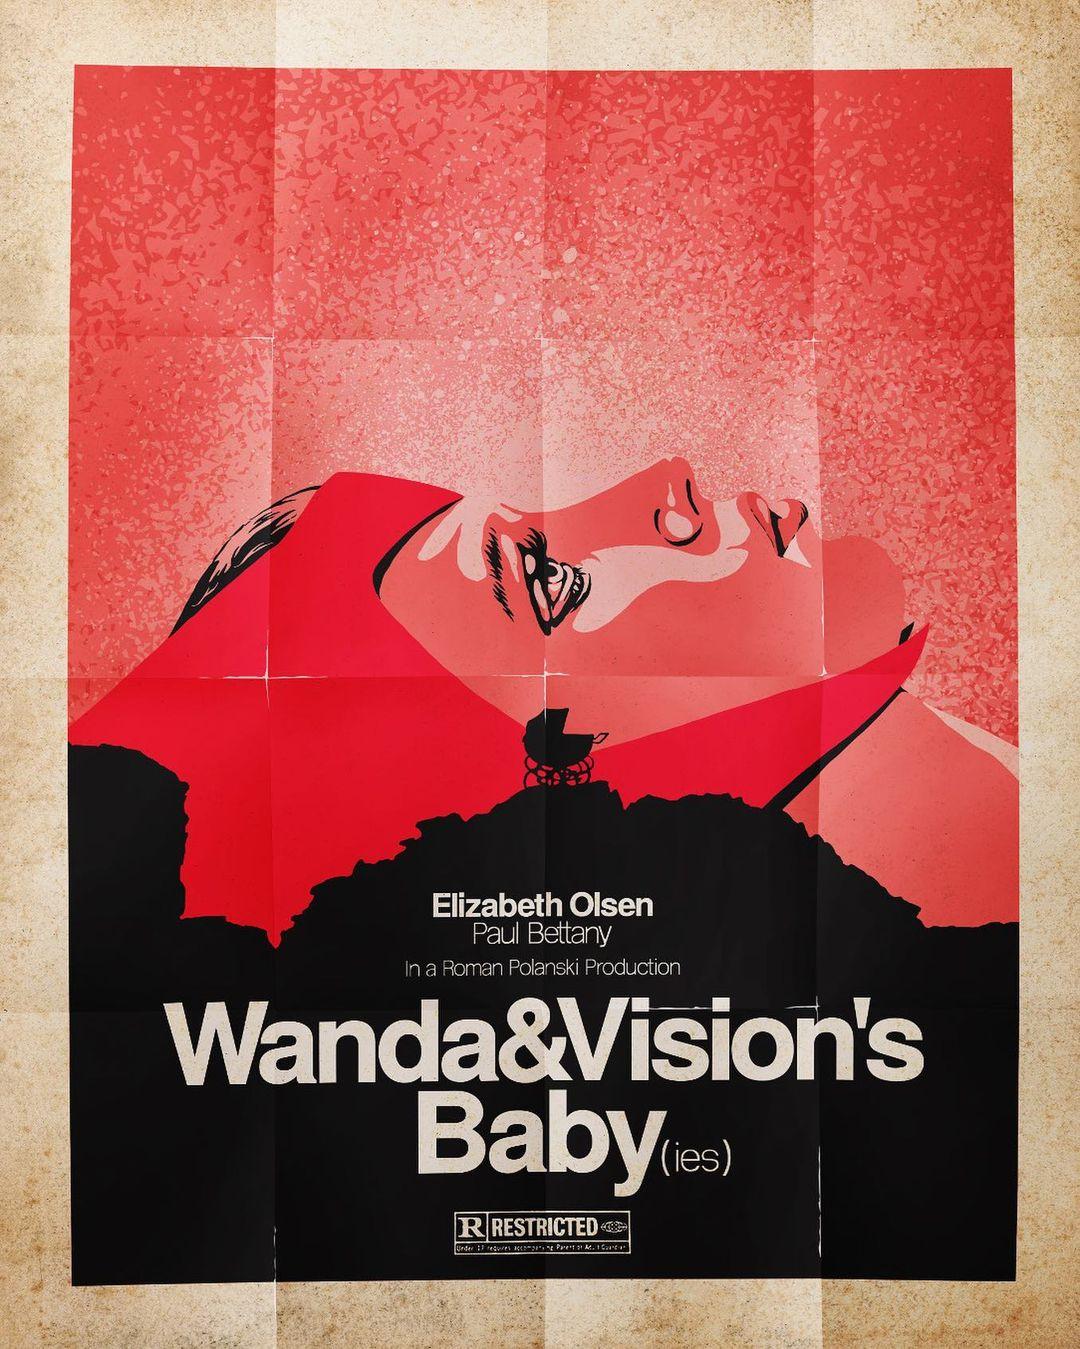 Artista Butcher Billy faz cartazes retrô de WandaVision repletos de referências a cultura pop